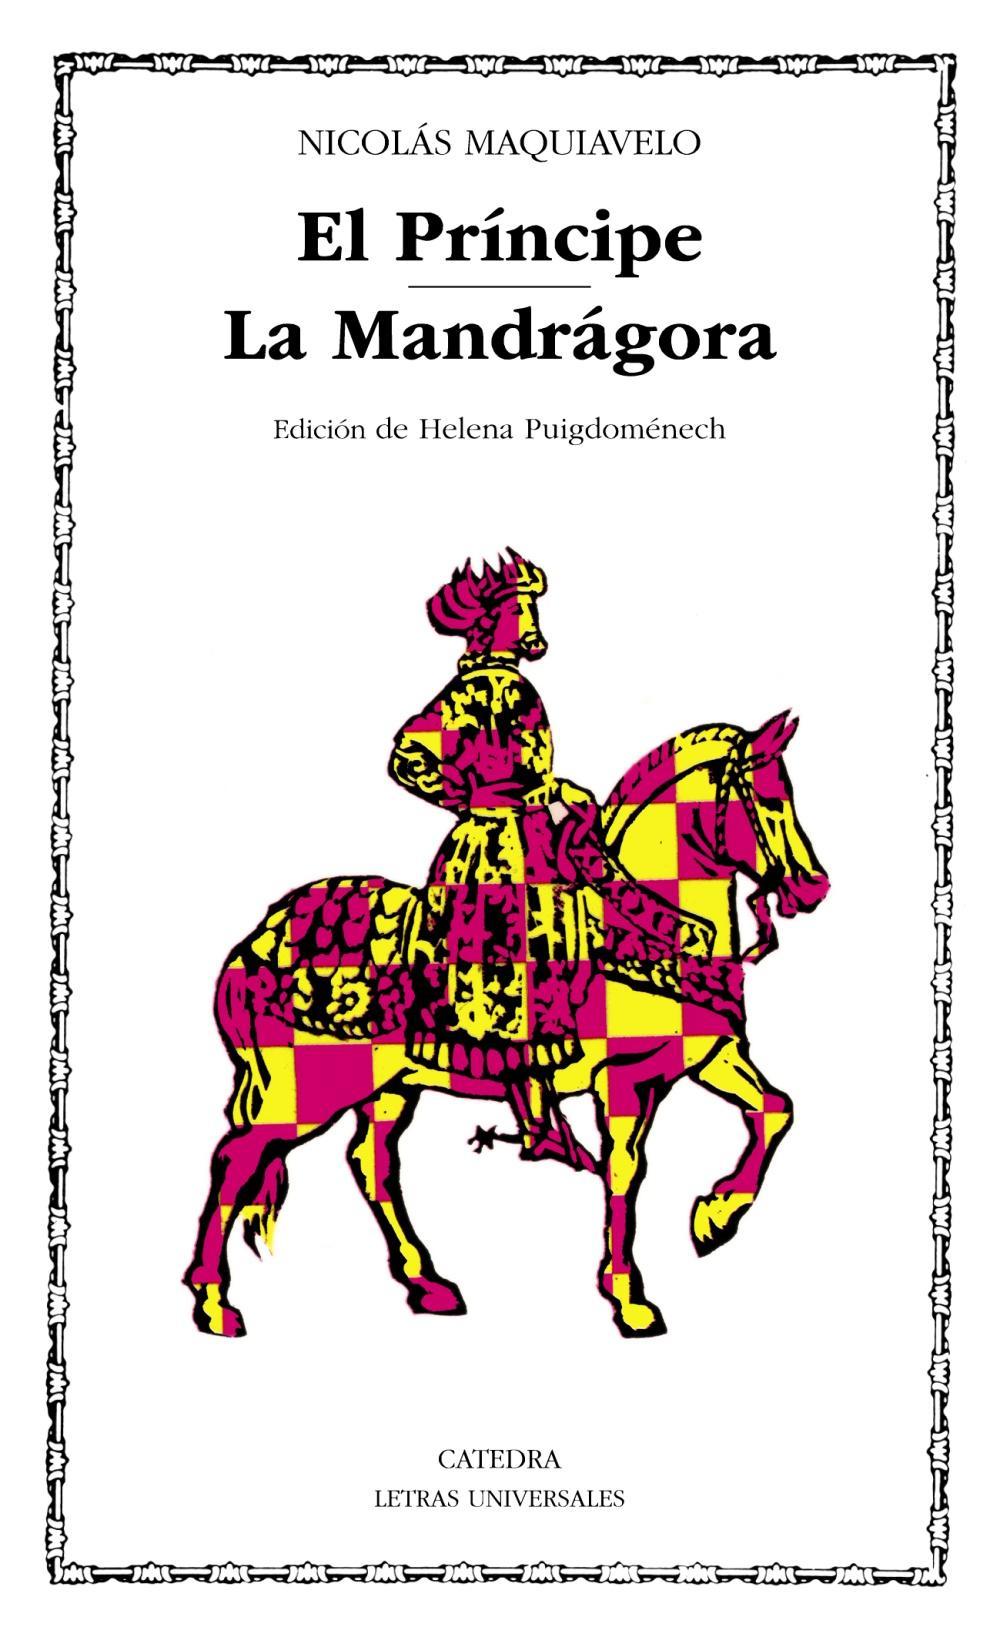 El Príncipe; La Mandrágora